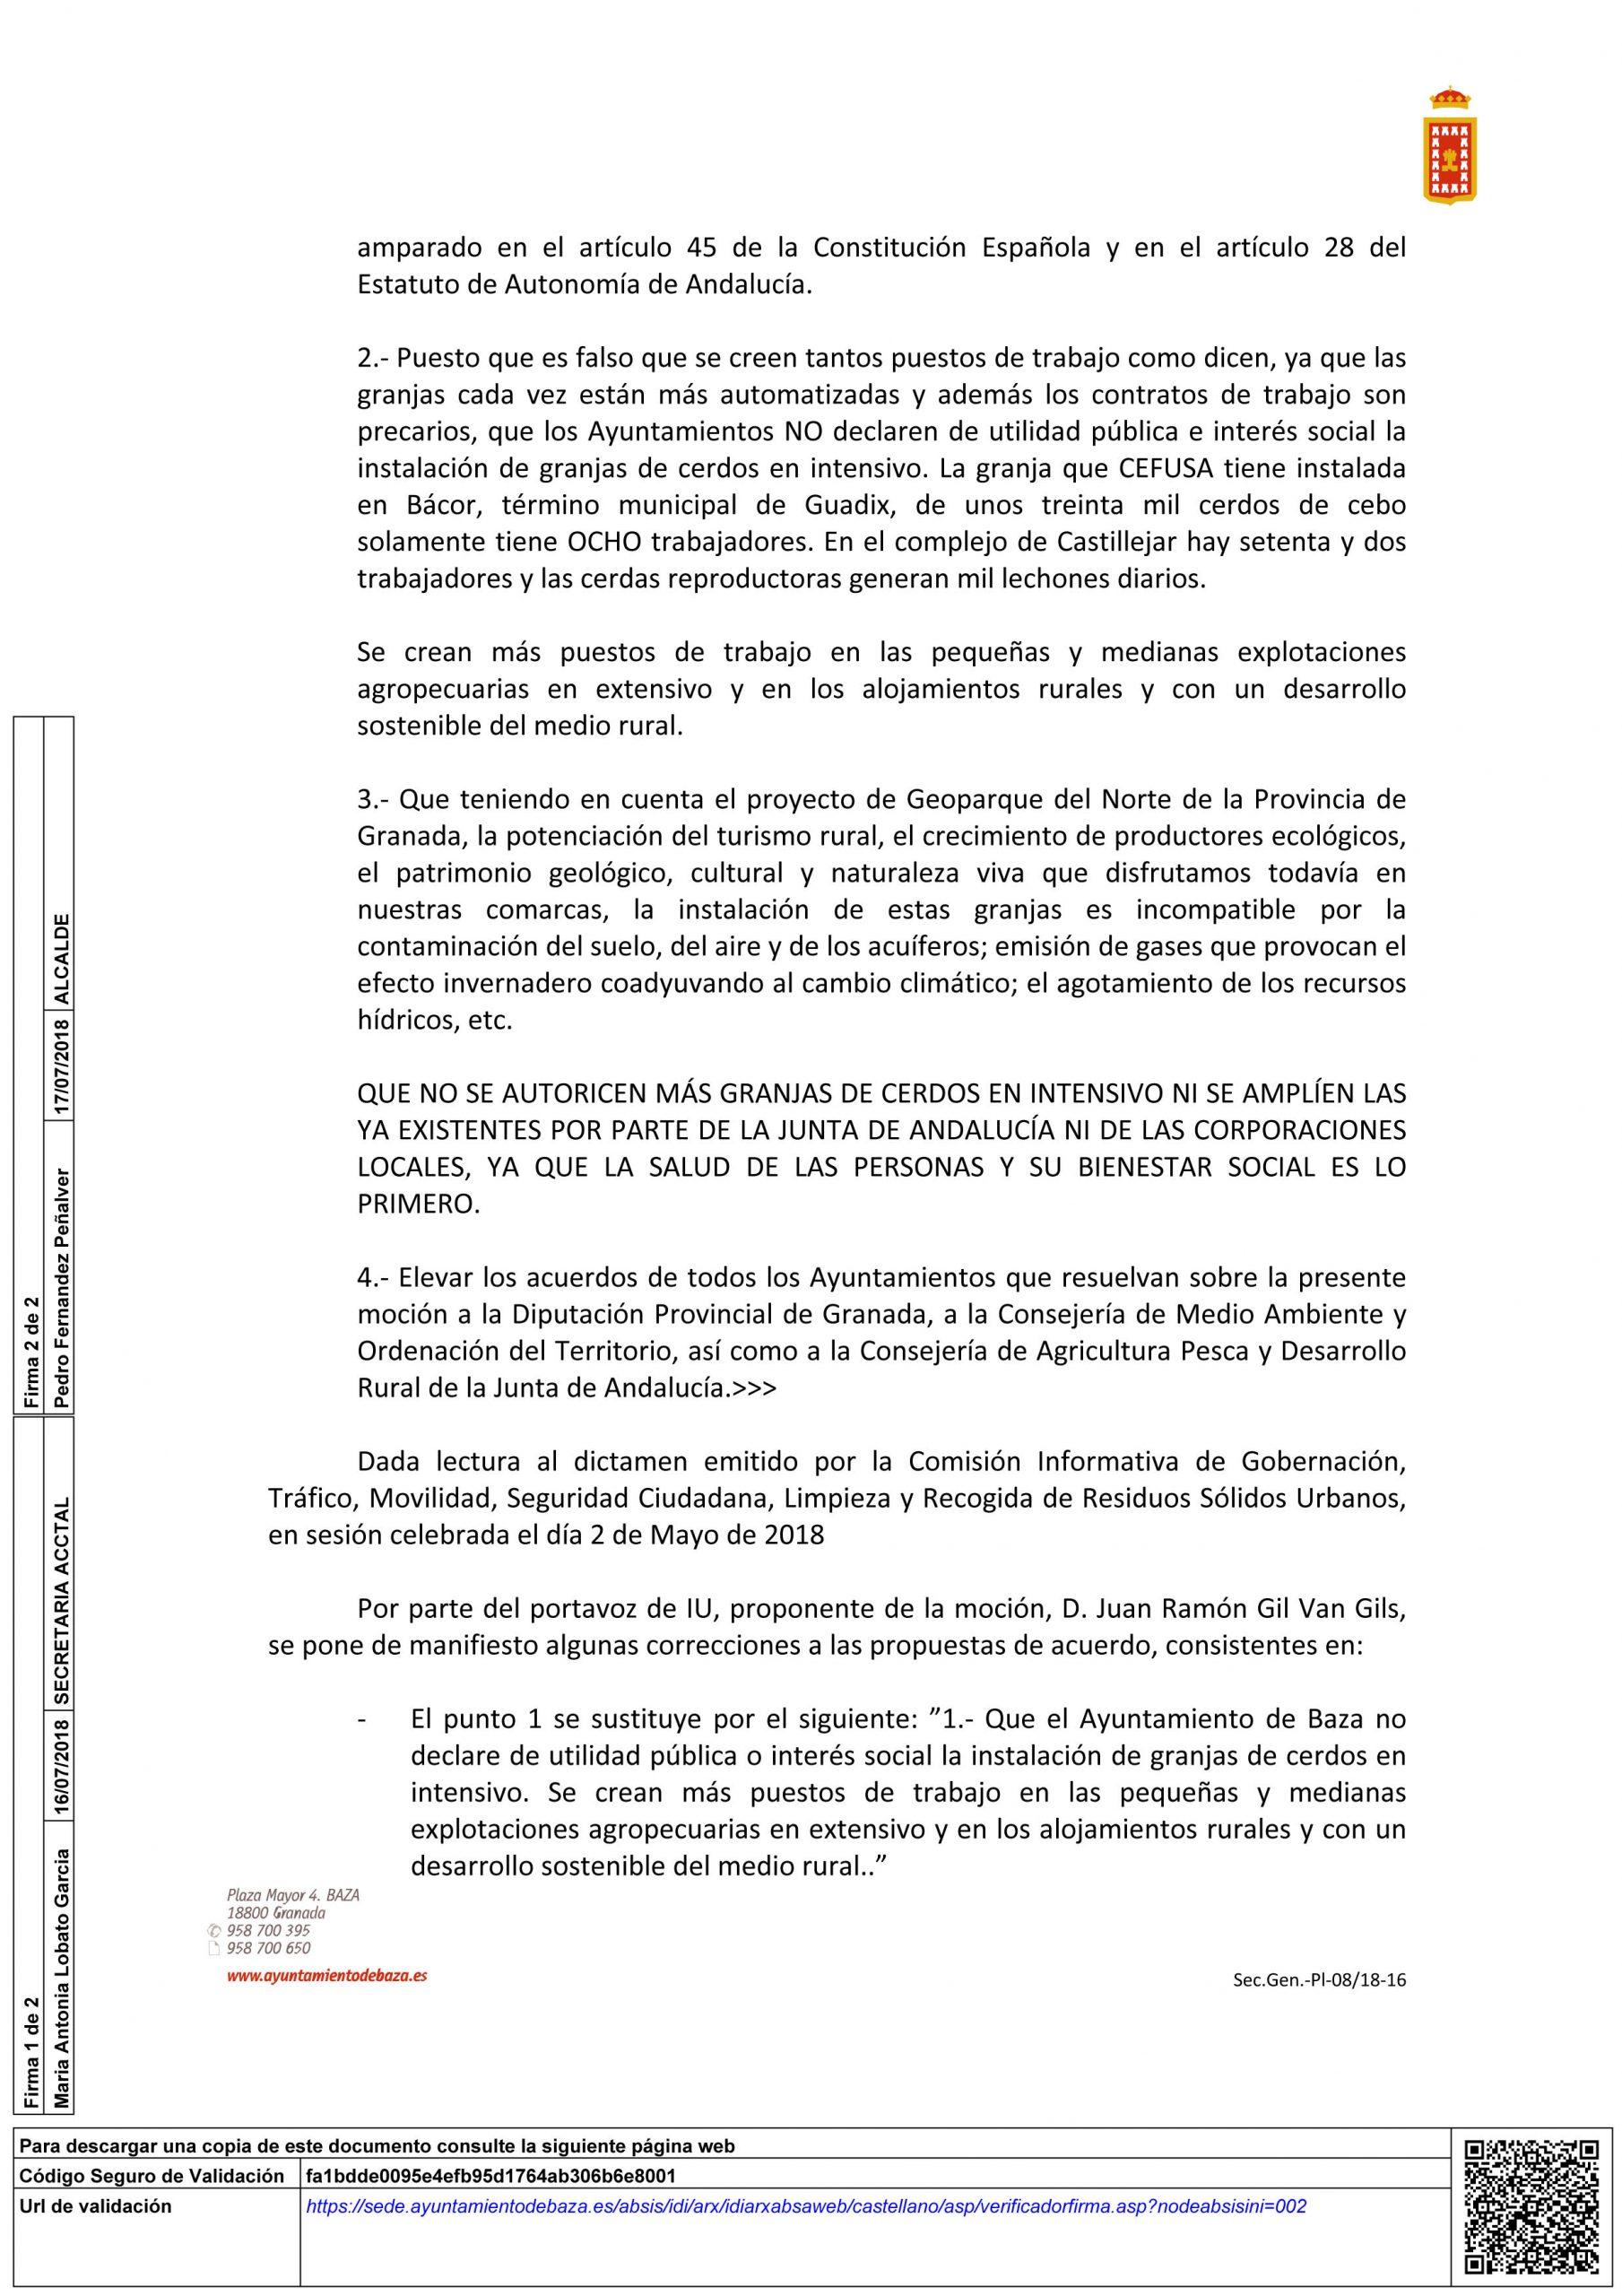 PAGINA ACTA PLENO 8 2018